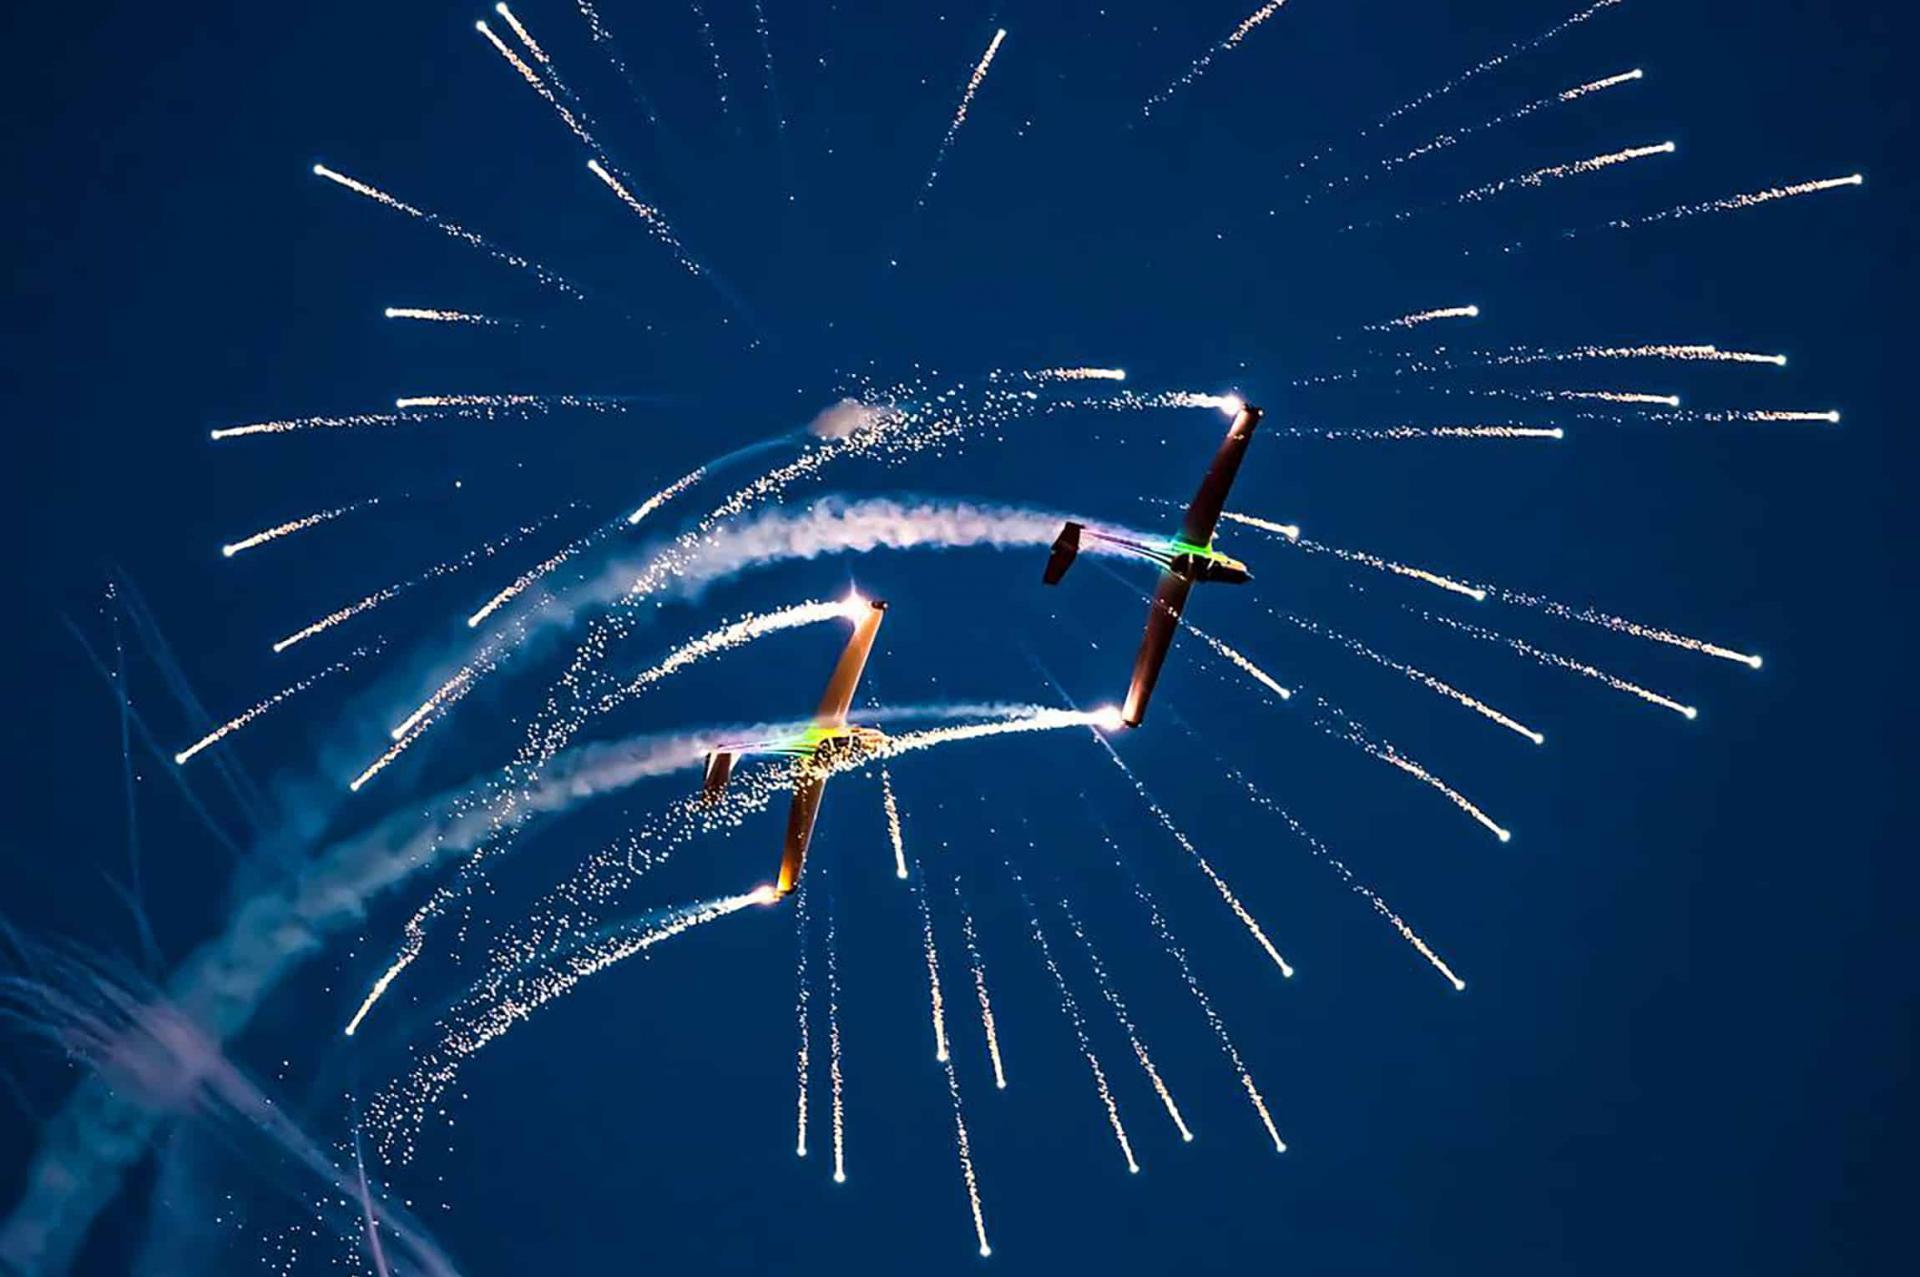 Wings Over Wairarapa Night Show